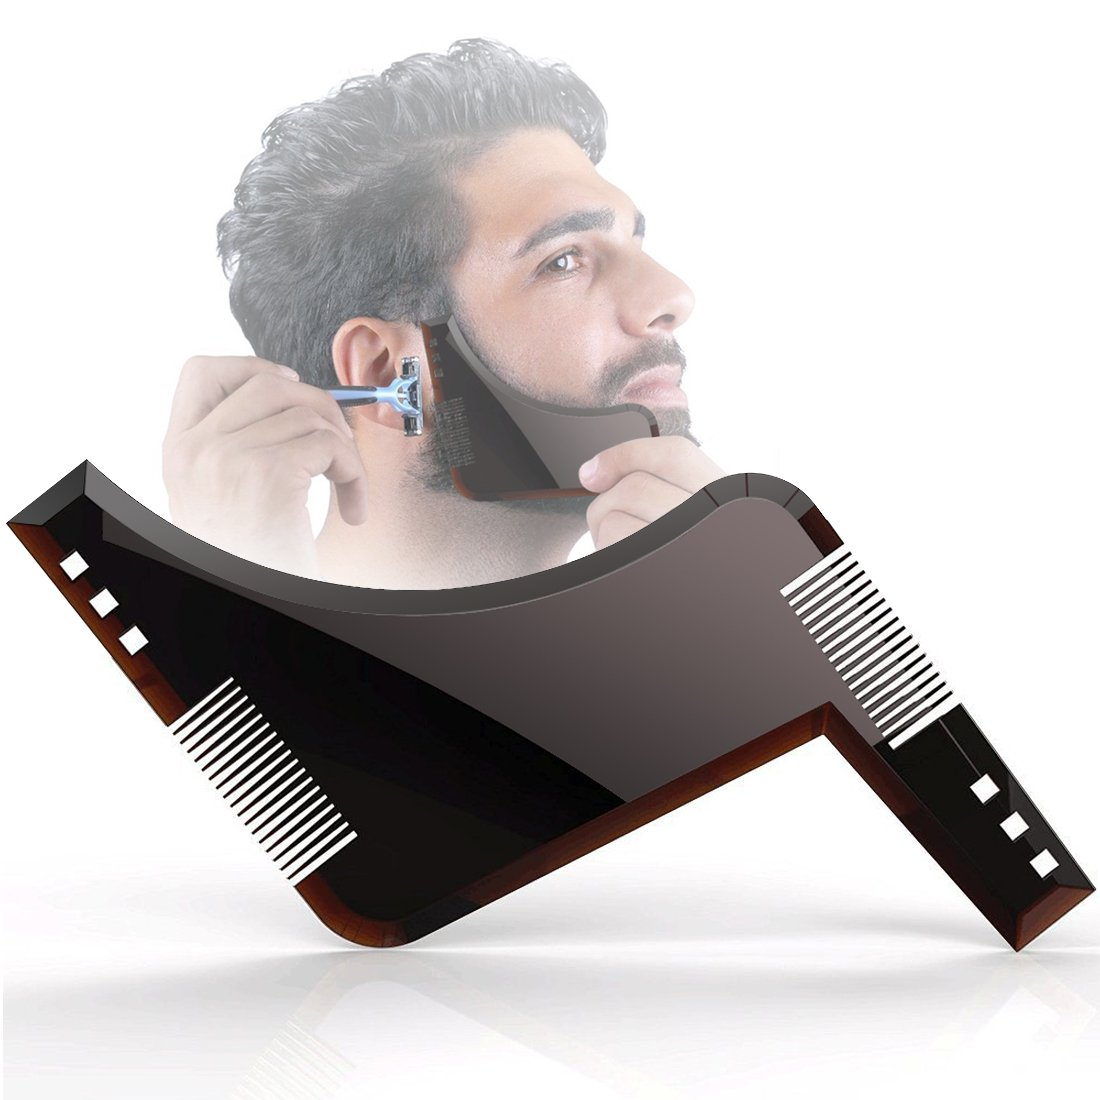 Barba Capo Specchio Ventose Lasciate Che Il Vostro Bagno Pulire Attiant Grembiule per Barba e La Barba Modello di acconciatura Non Si preoccupano di Pulire Barba Passamanerie